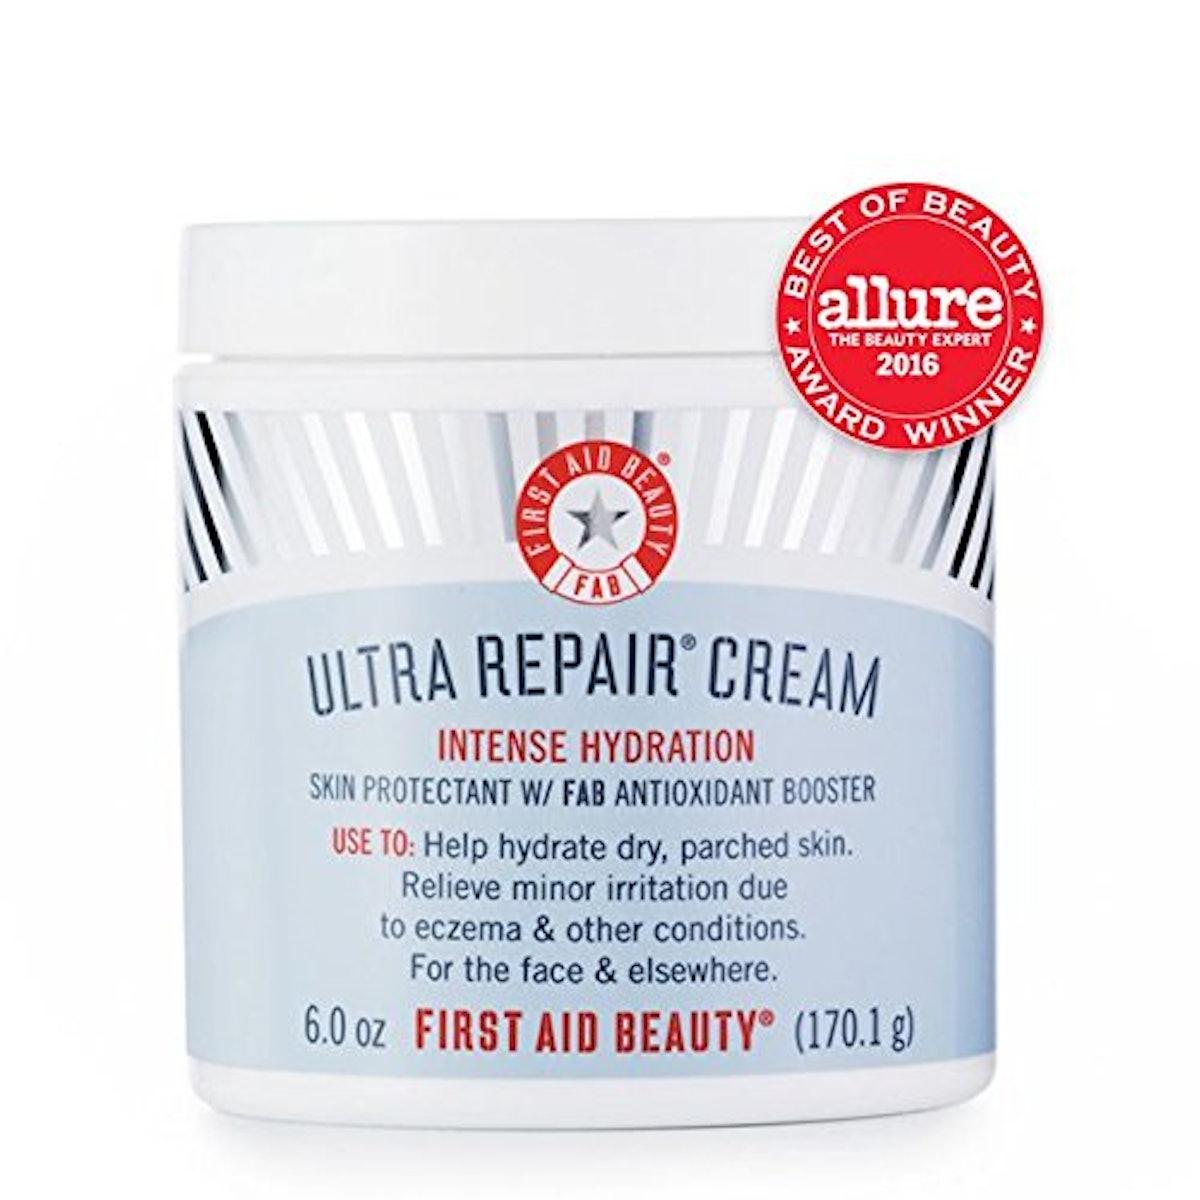 First Aid Beauty, Ultra Repair Cream